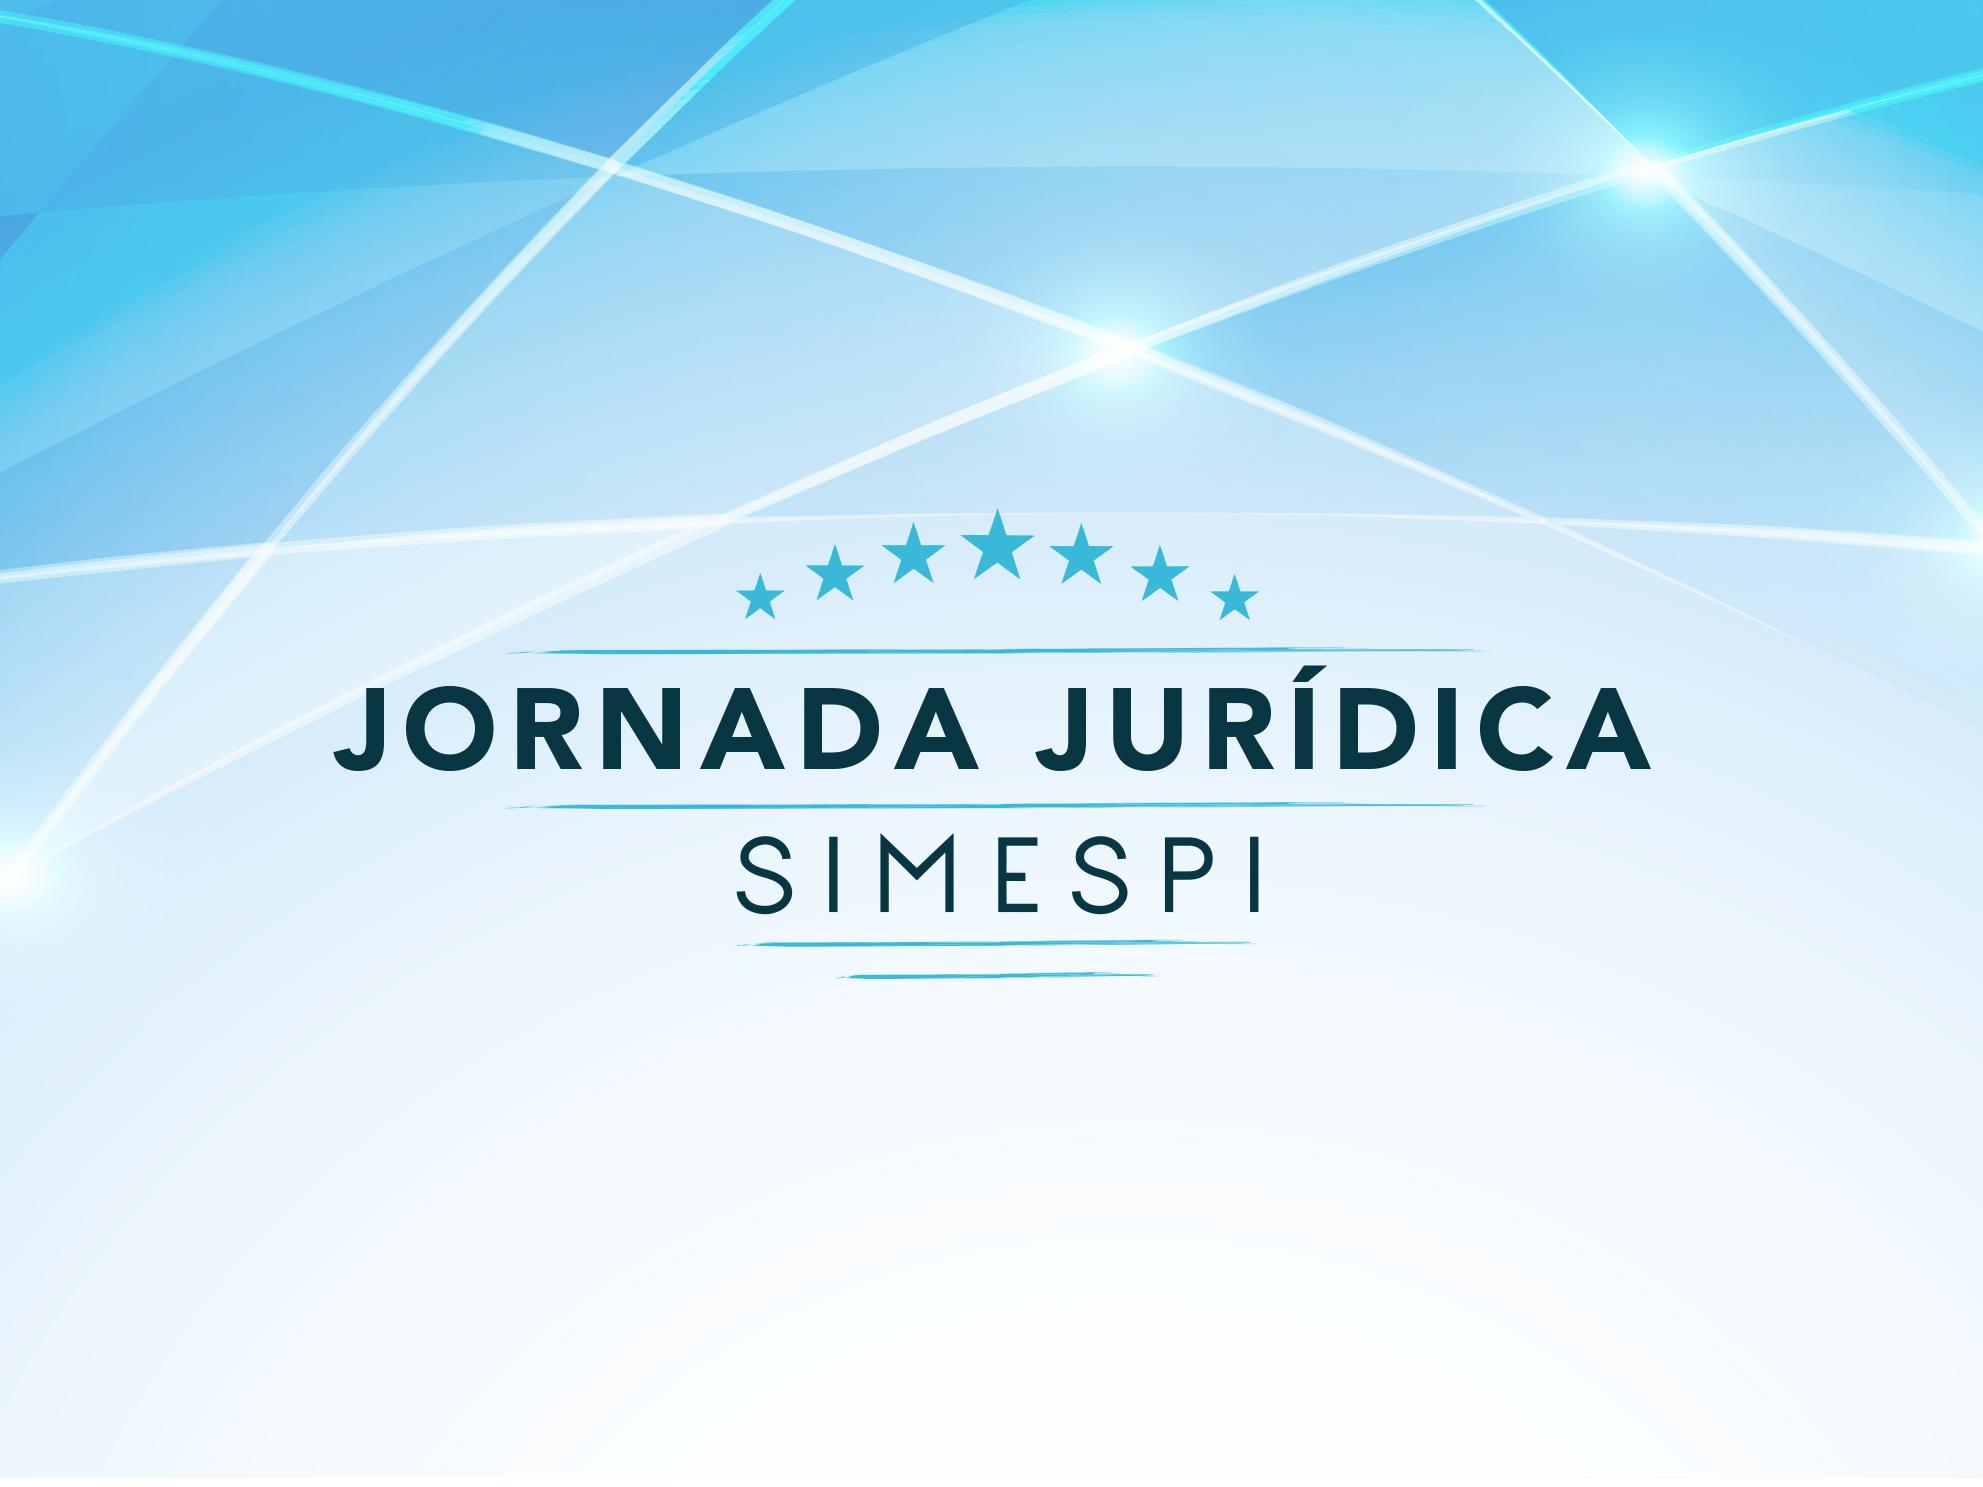 Jornada Jurídica do Simespi discute reformas   trabalhista, tributária e previdenciária